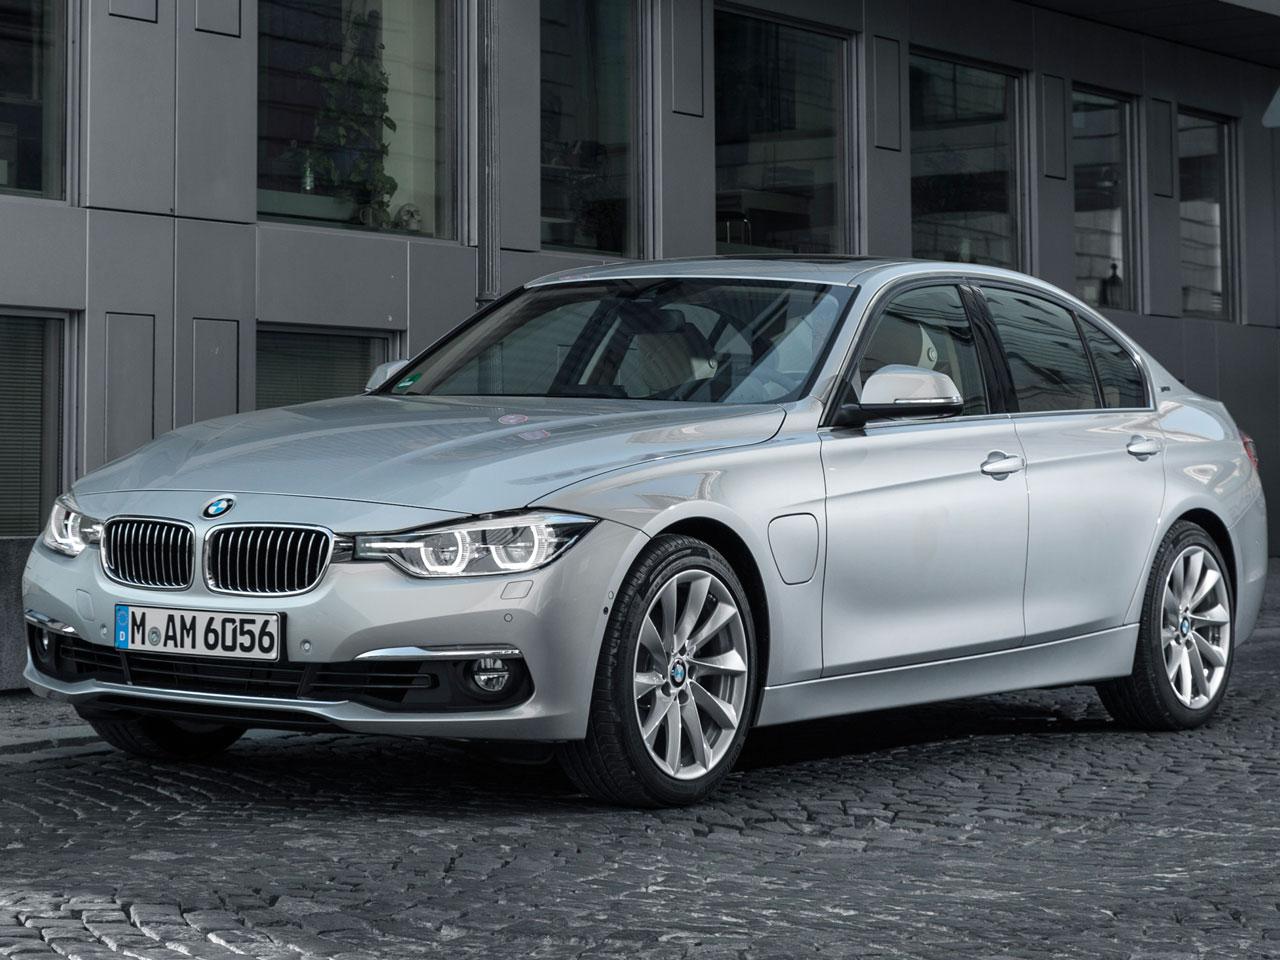 BMW 3シリーズ セダン プラグインハイブリッド 2016年モデル 新車画像